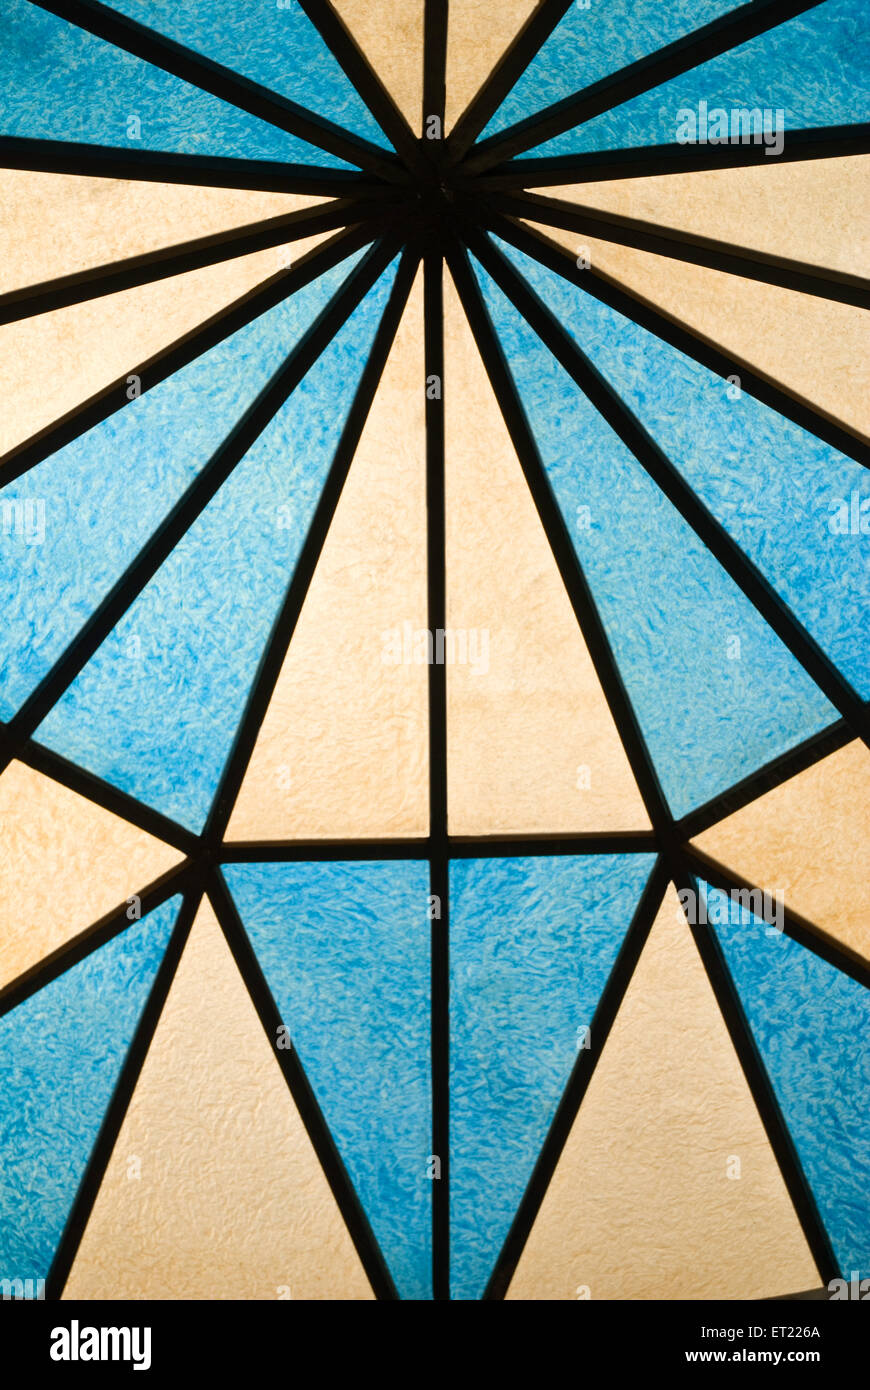 ; Acrilico raggio 2008 blu Immagini Stock